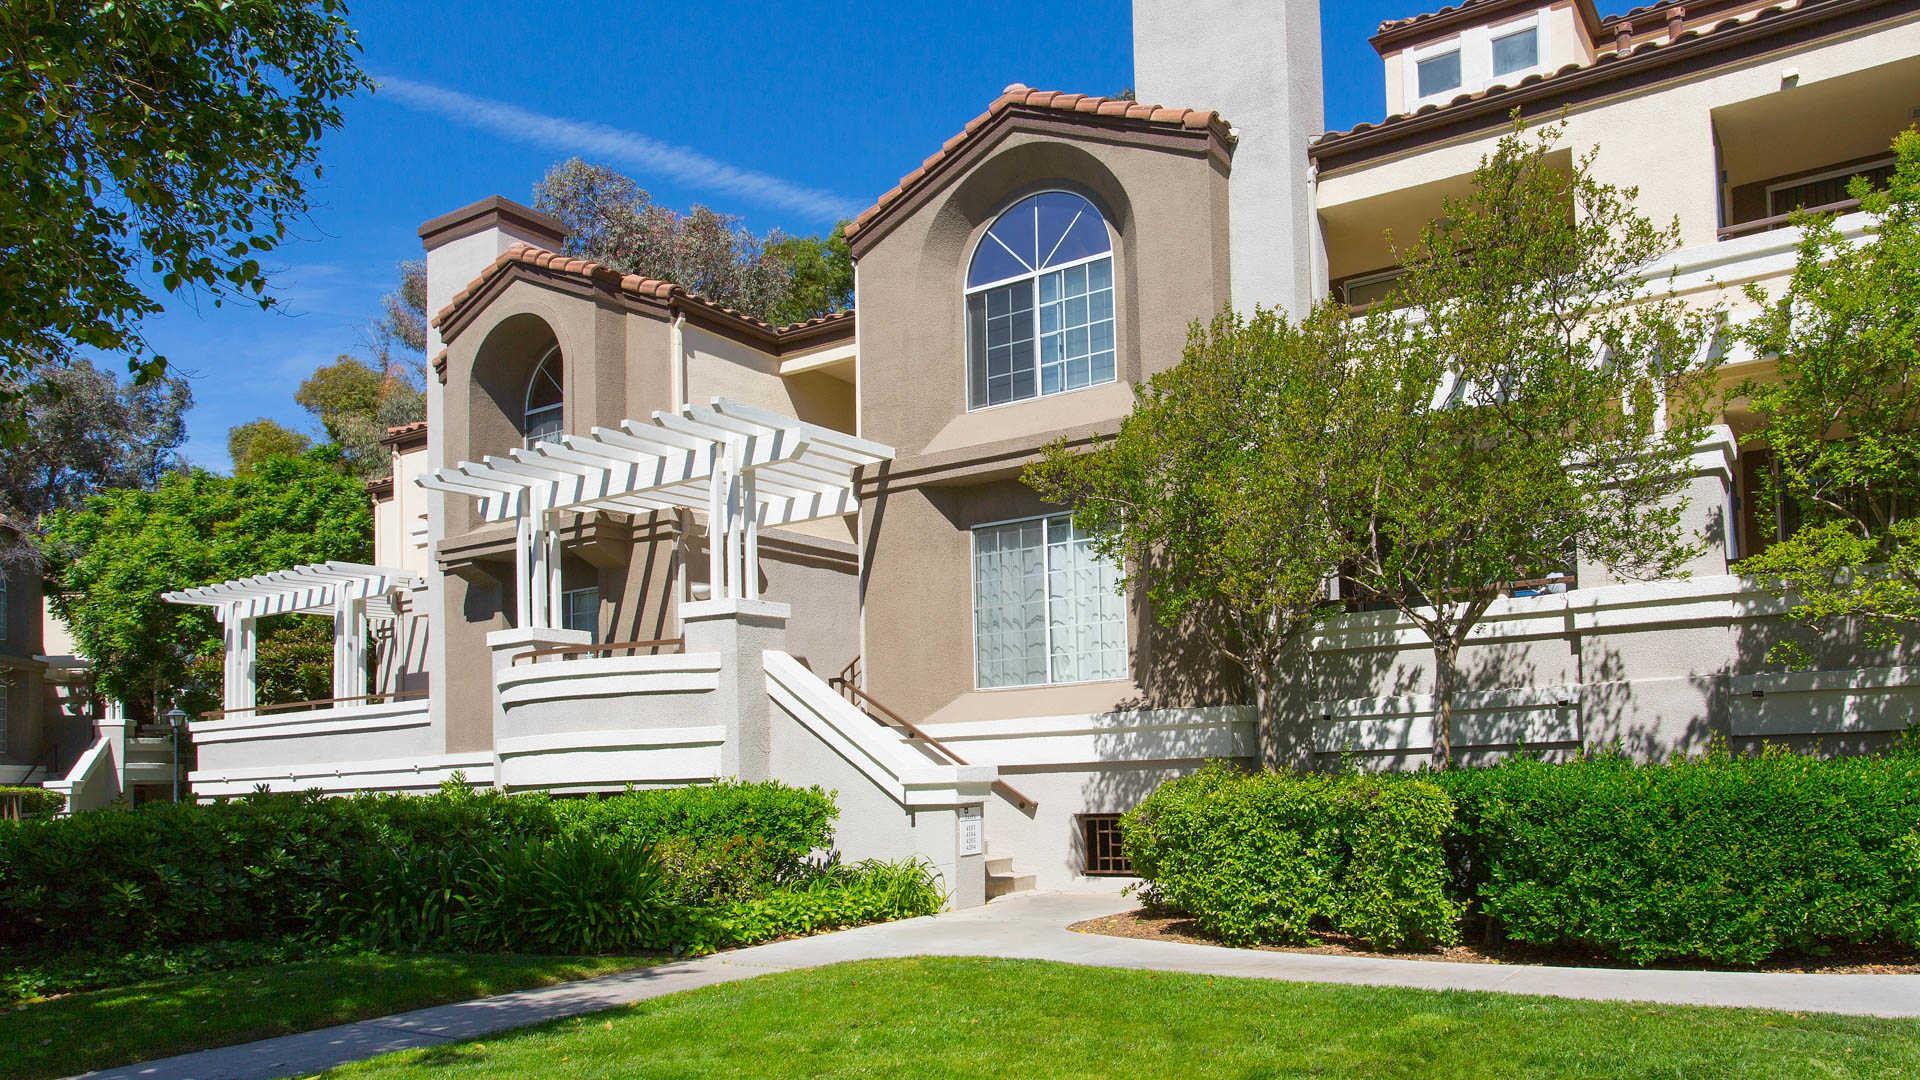 Apartments Near CalArts Portofino for California Institute of the Arts Students in Valencia, CA